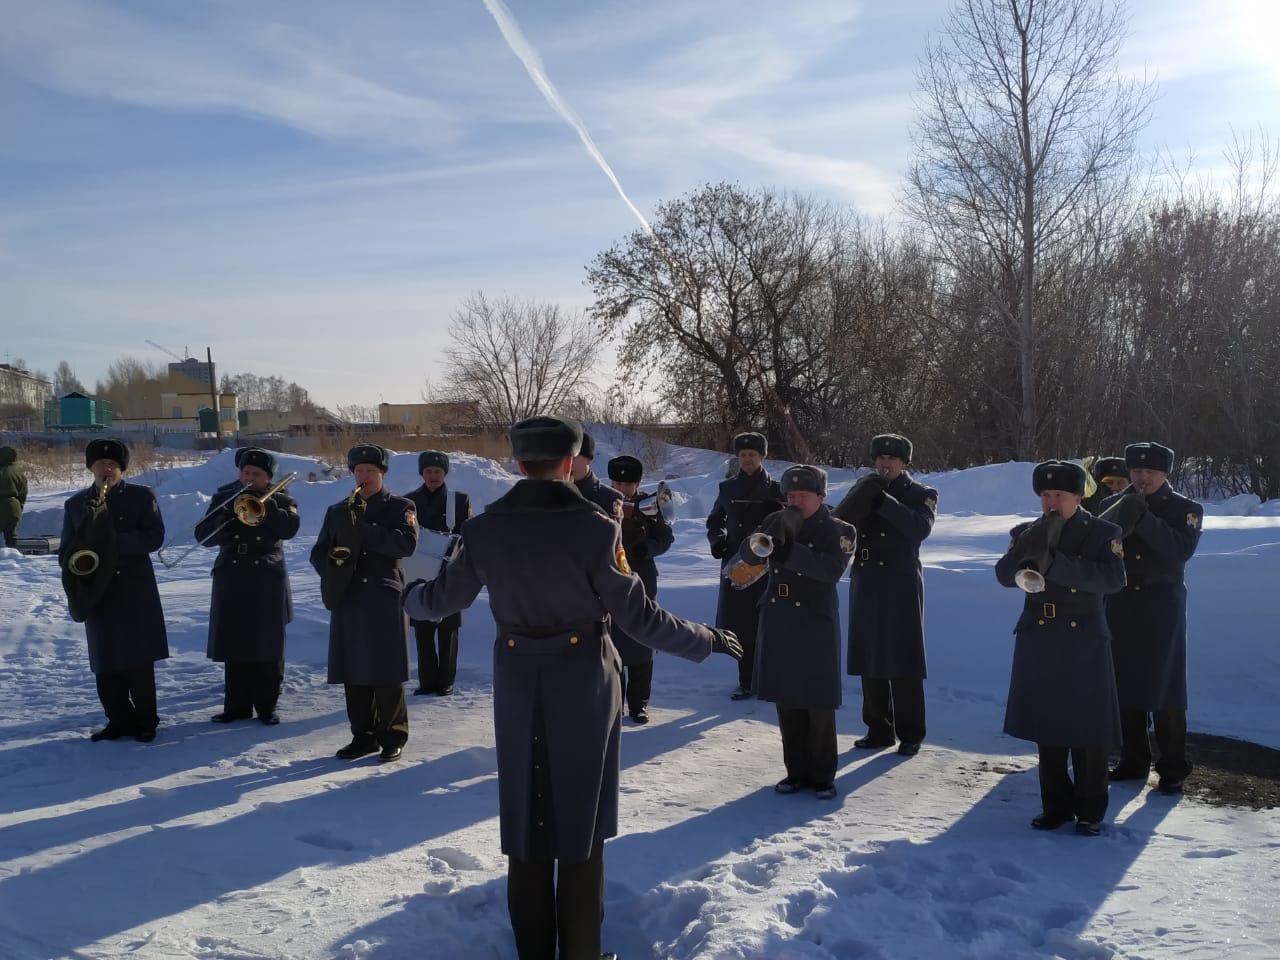 На старте их поддерживал военный оркестр, а на финише ждали чай и армейская каша